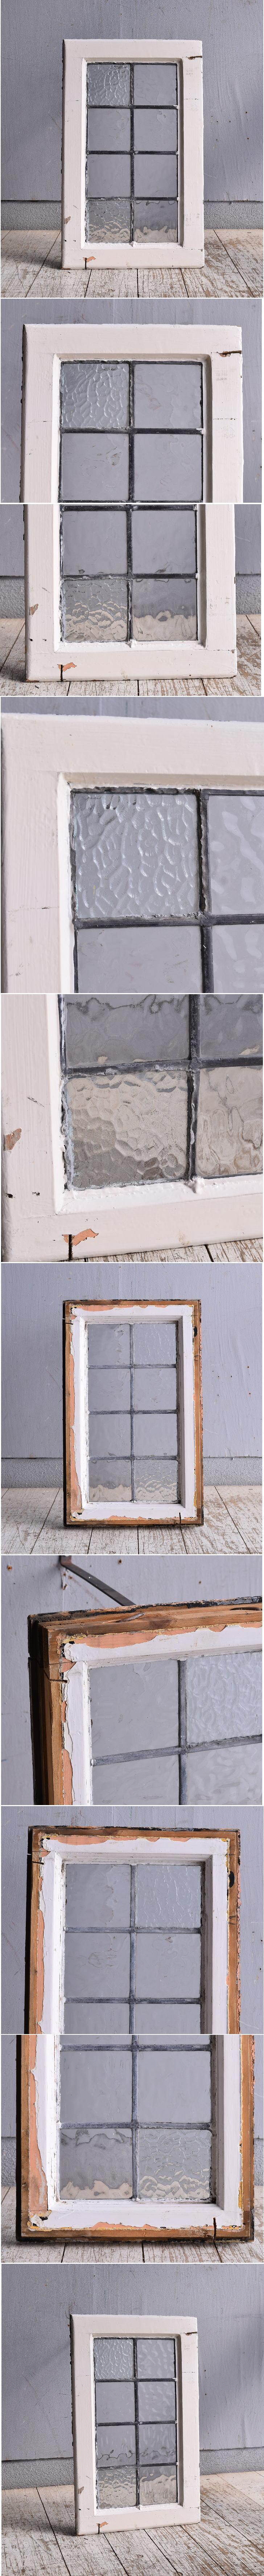 イギリス アンティーク 窓 無色透明 9387